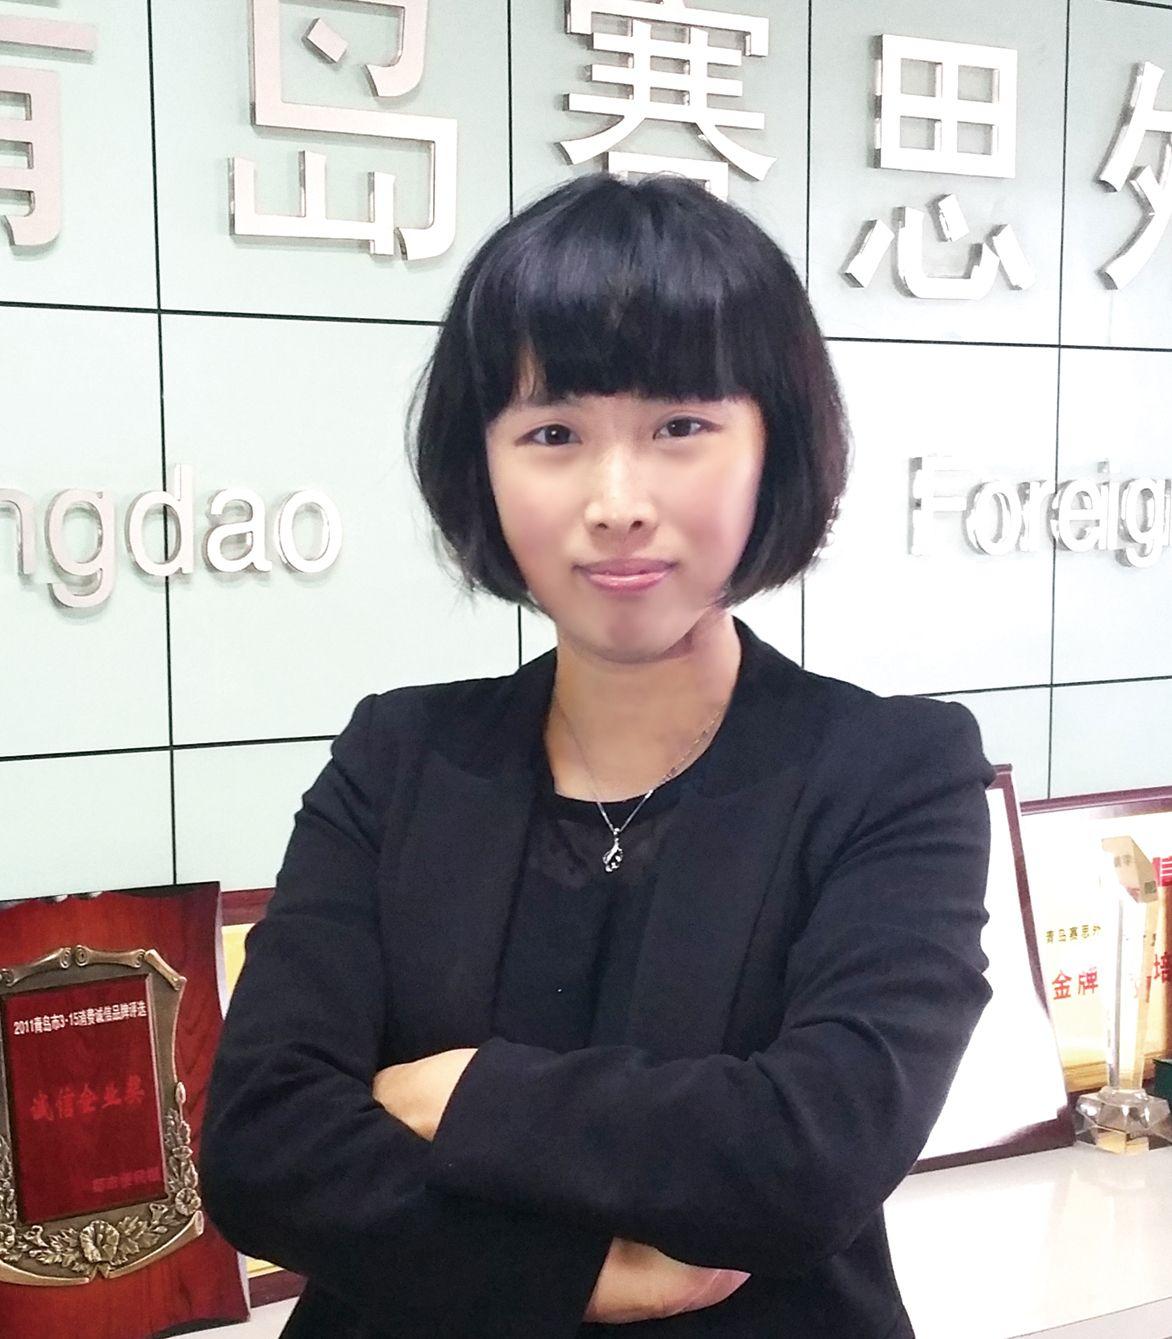 外语培训 市北区外语培训 台东外语培训 赛思外语学校(台东威海路店)